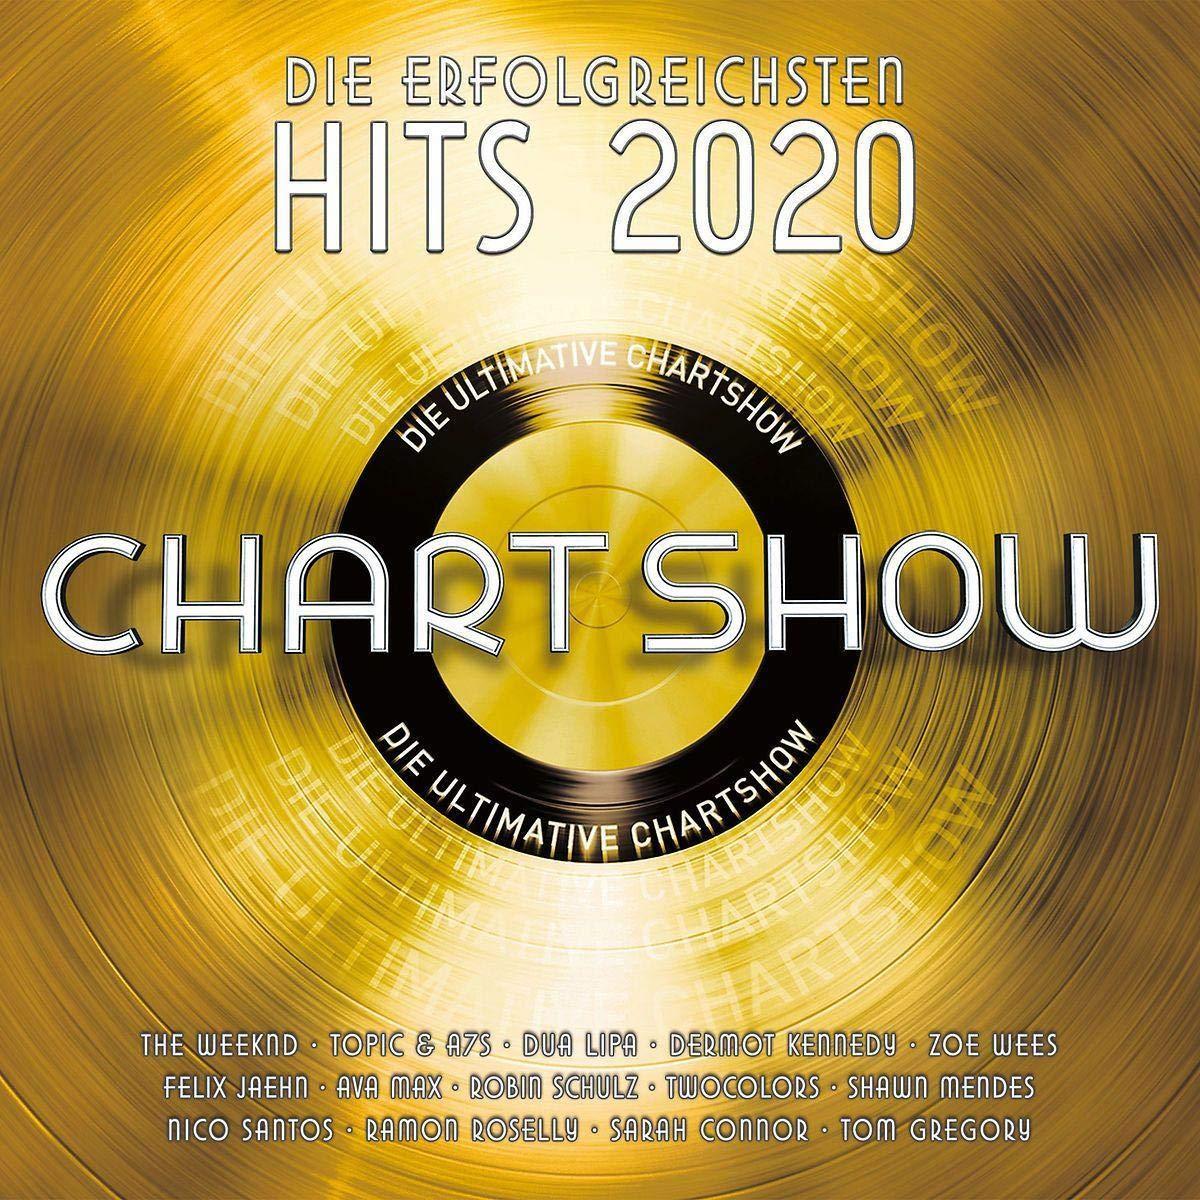 Die ultimative Chartshow - Best of 2020 - am 18.12. ab 20:15 Uhr bei RTL